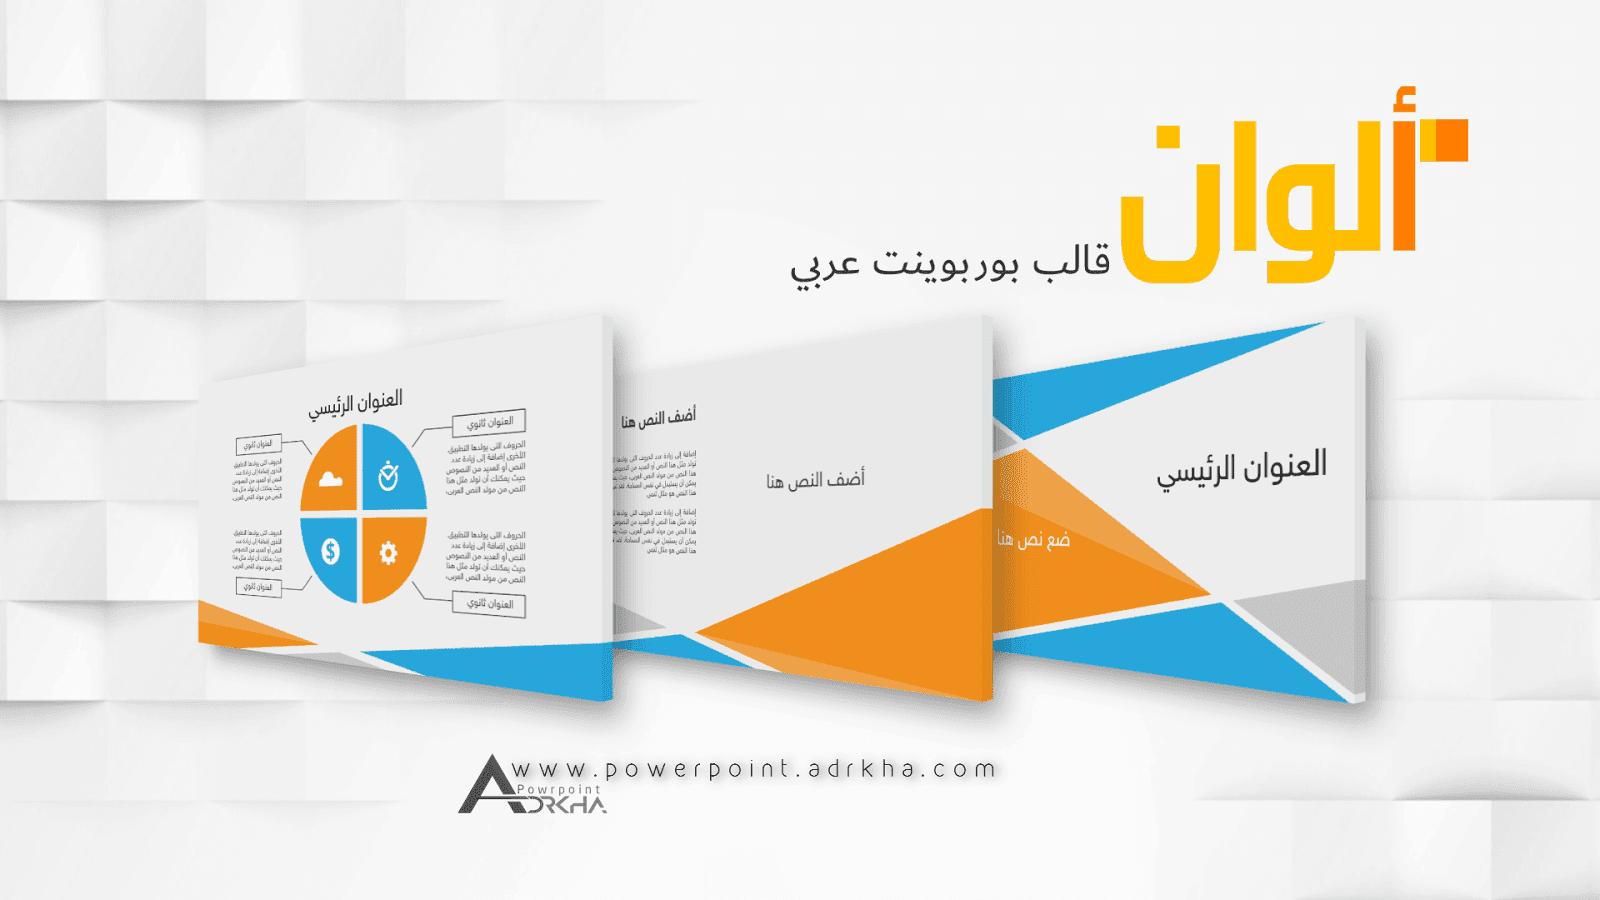 قوالب بوربوينت عربية مجانية 2017